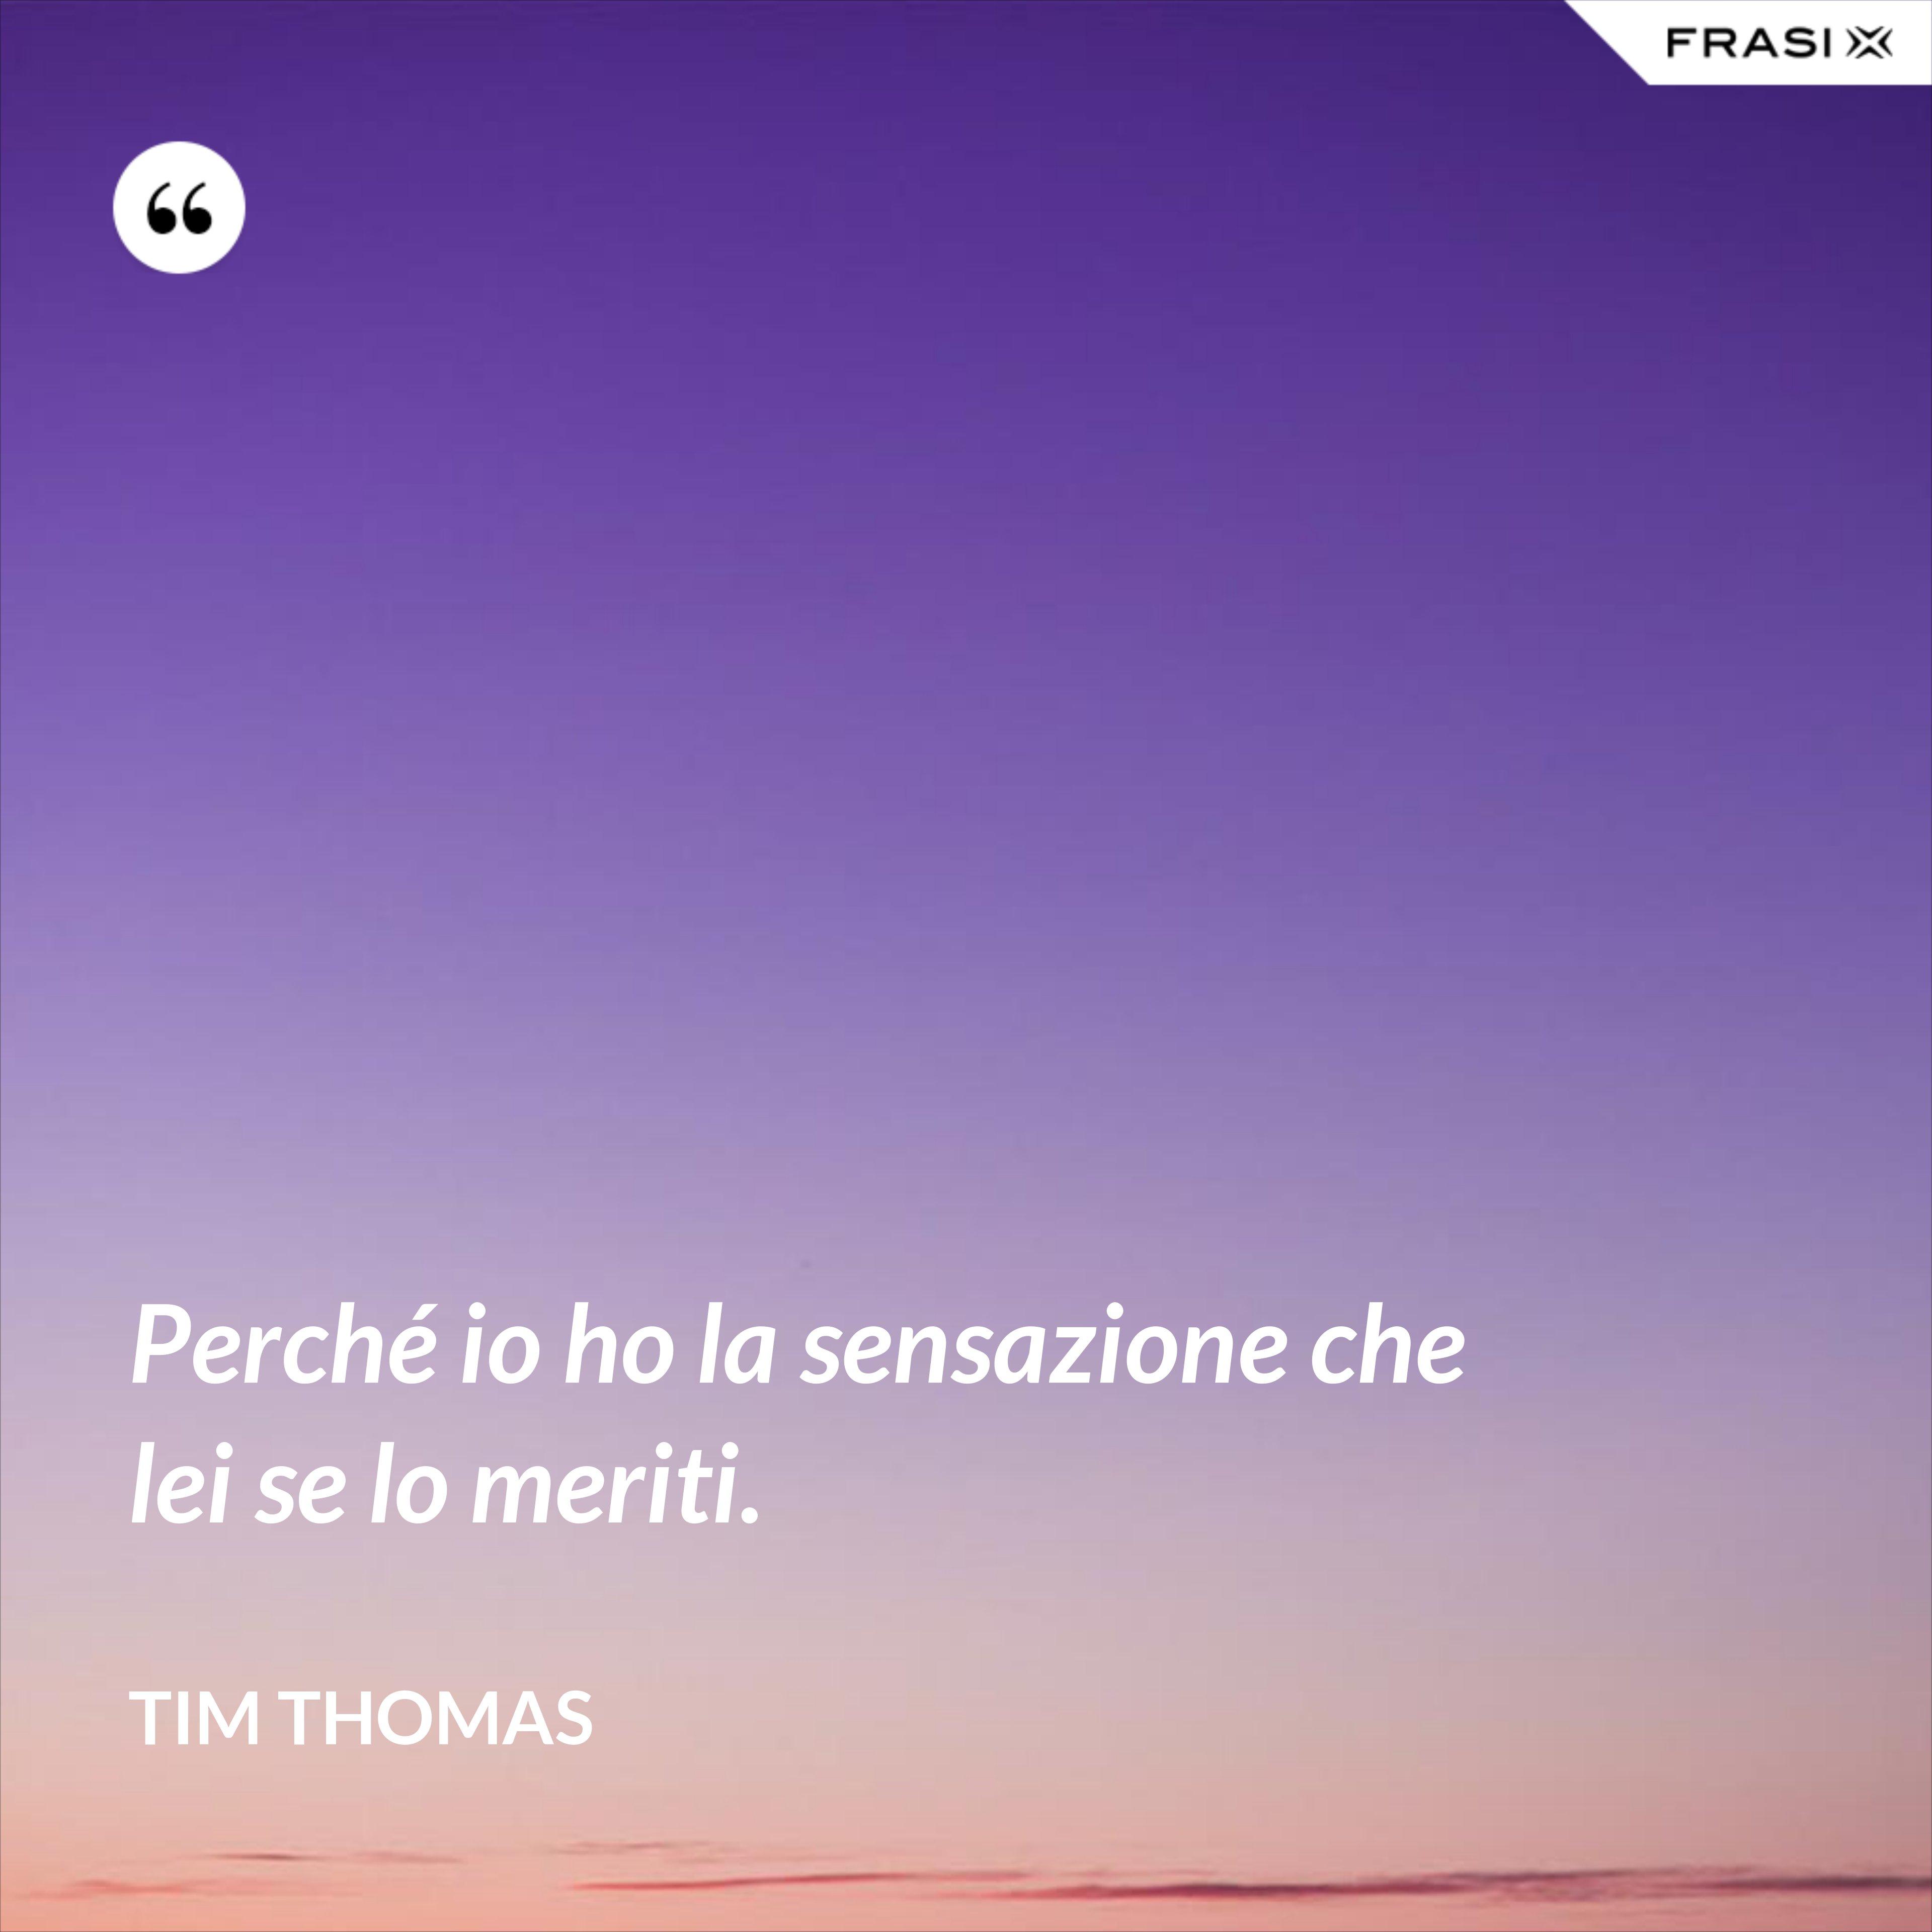 Perché io ho la sensazione che lei se lo meriti. - Tim Thomas